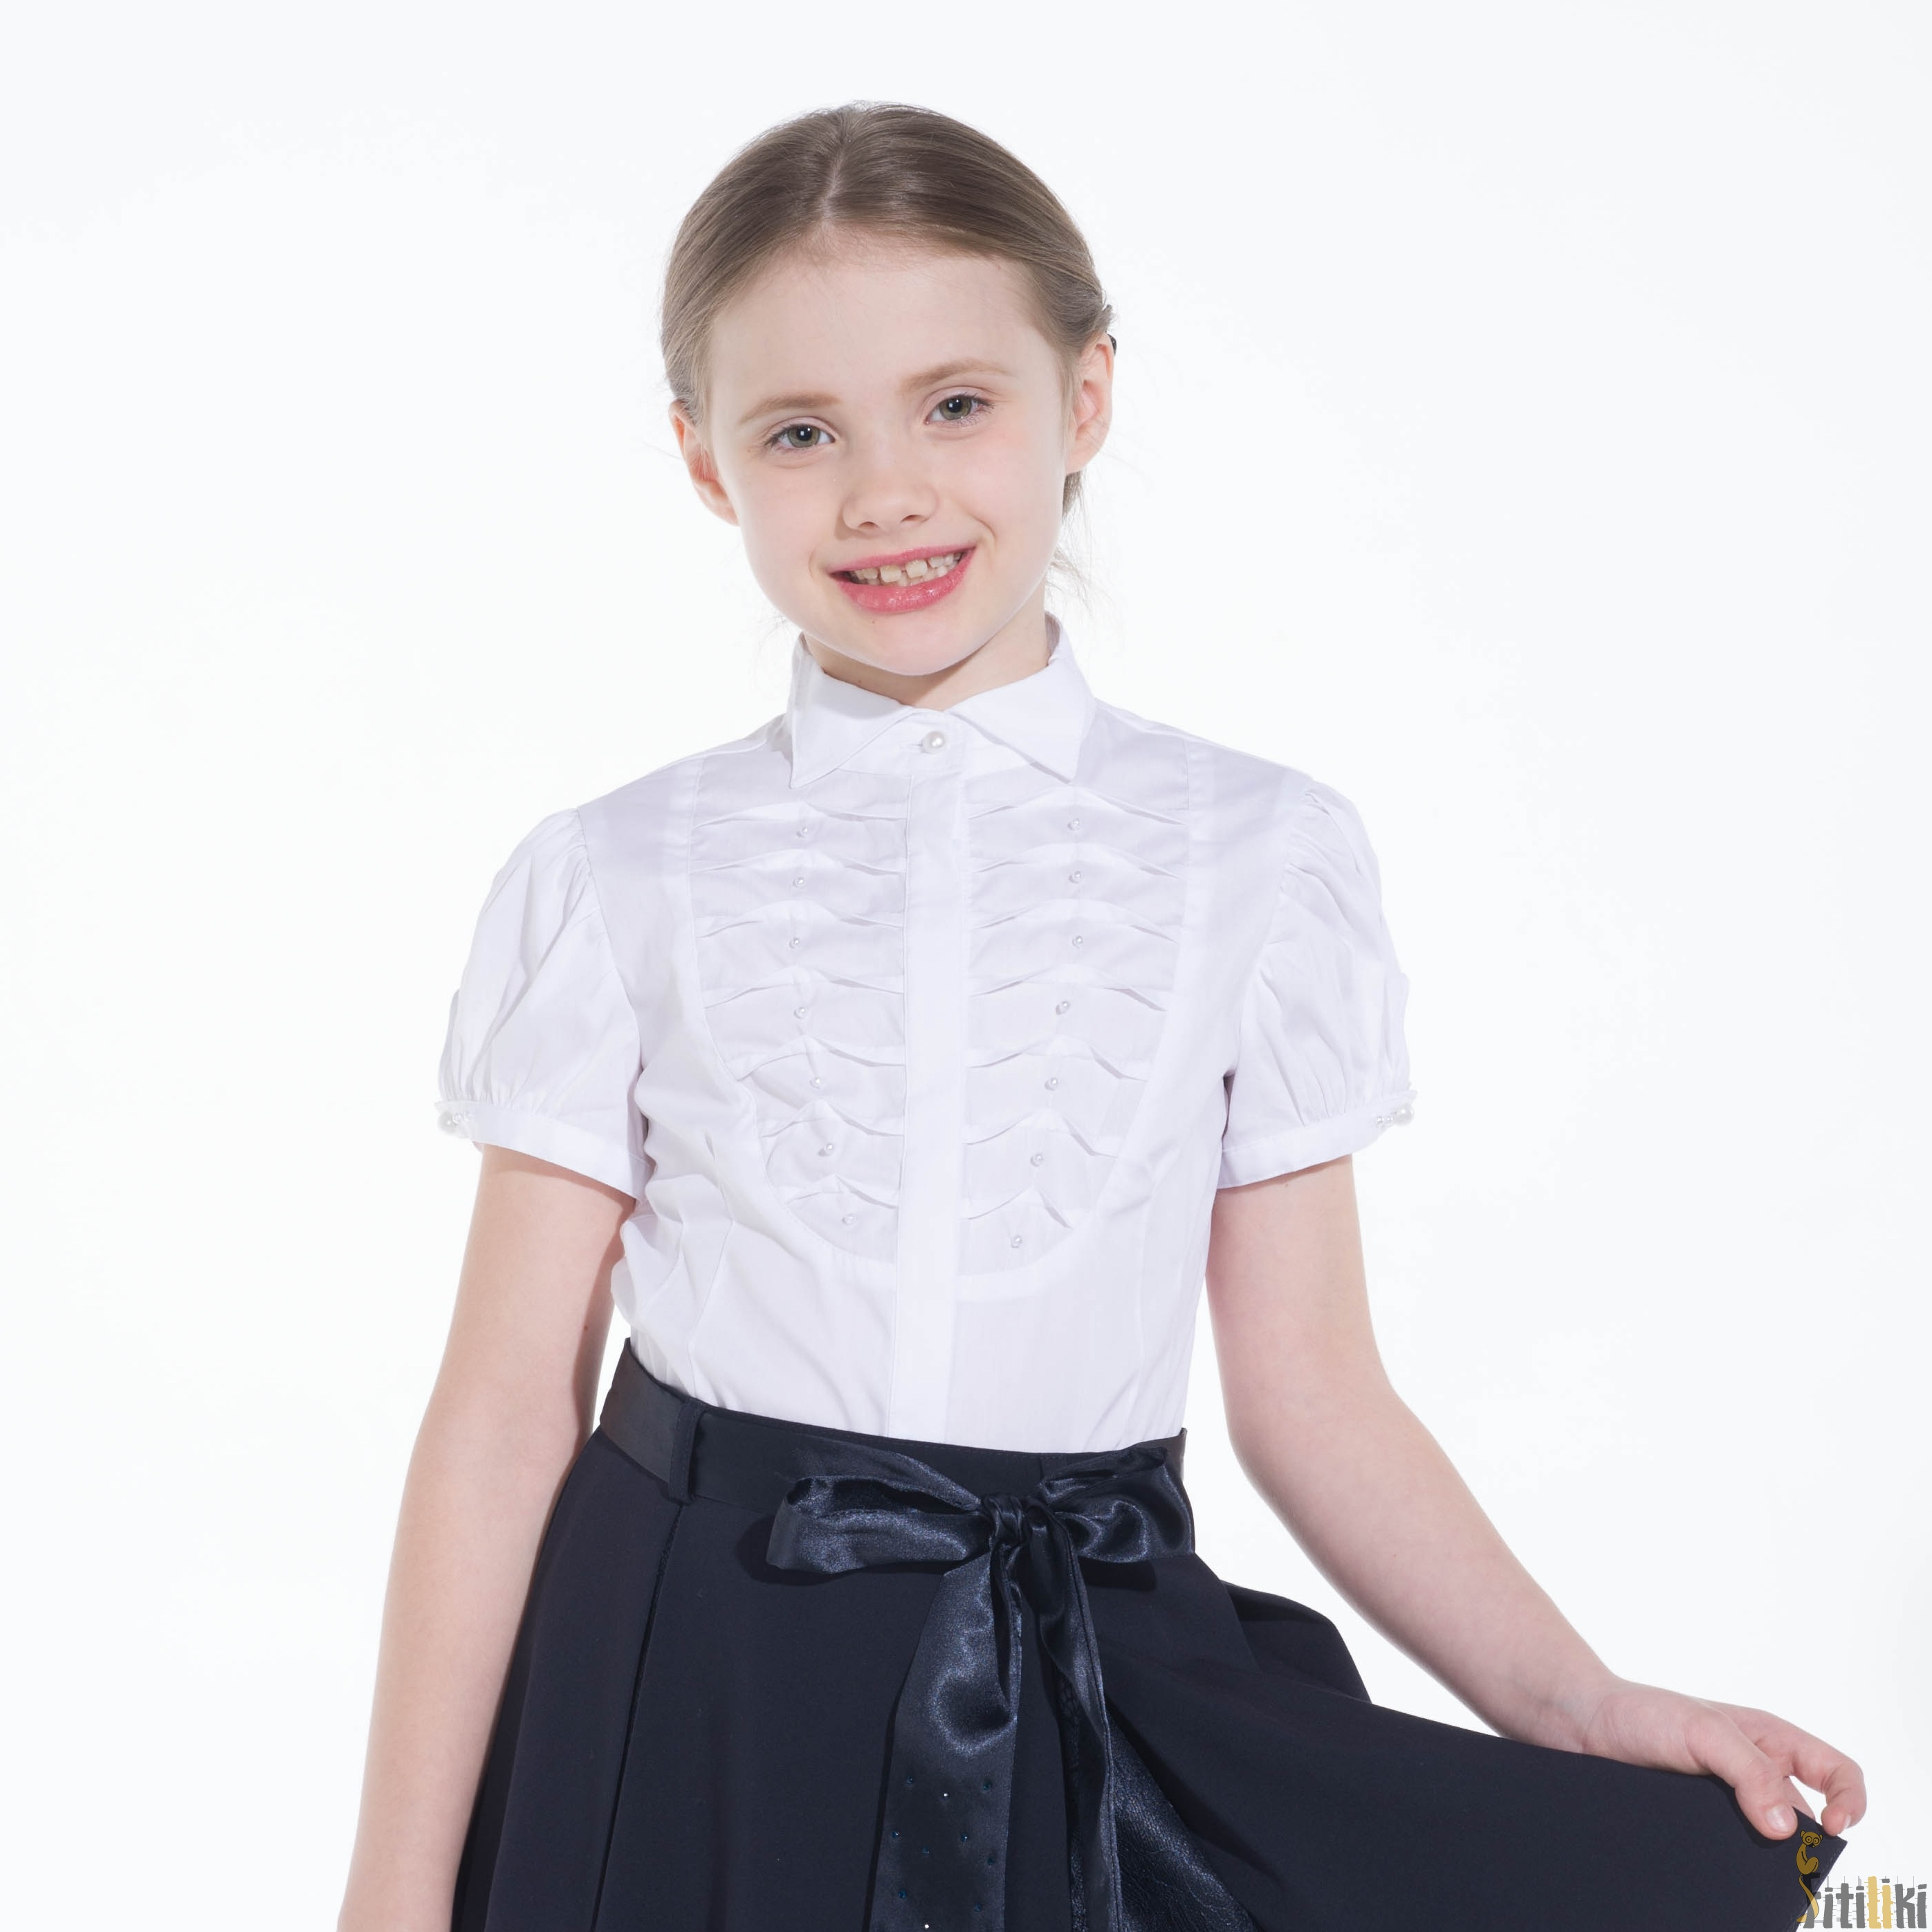 Блузки Для Девочек Интернет Магазин В Волгограде